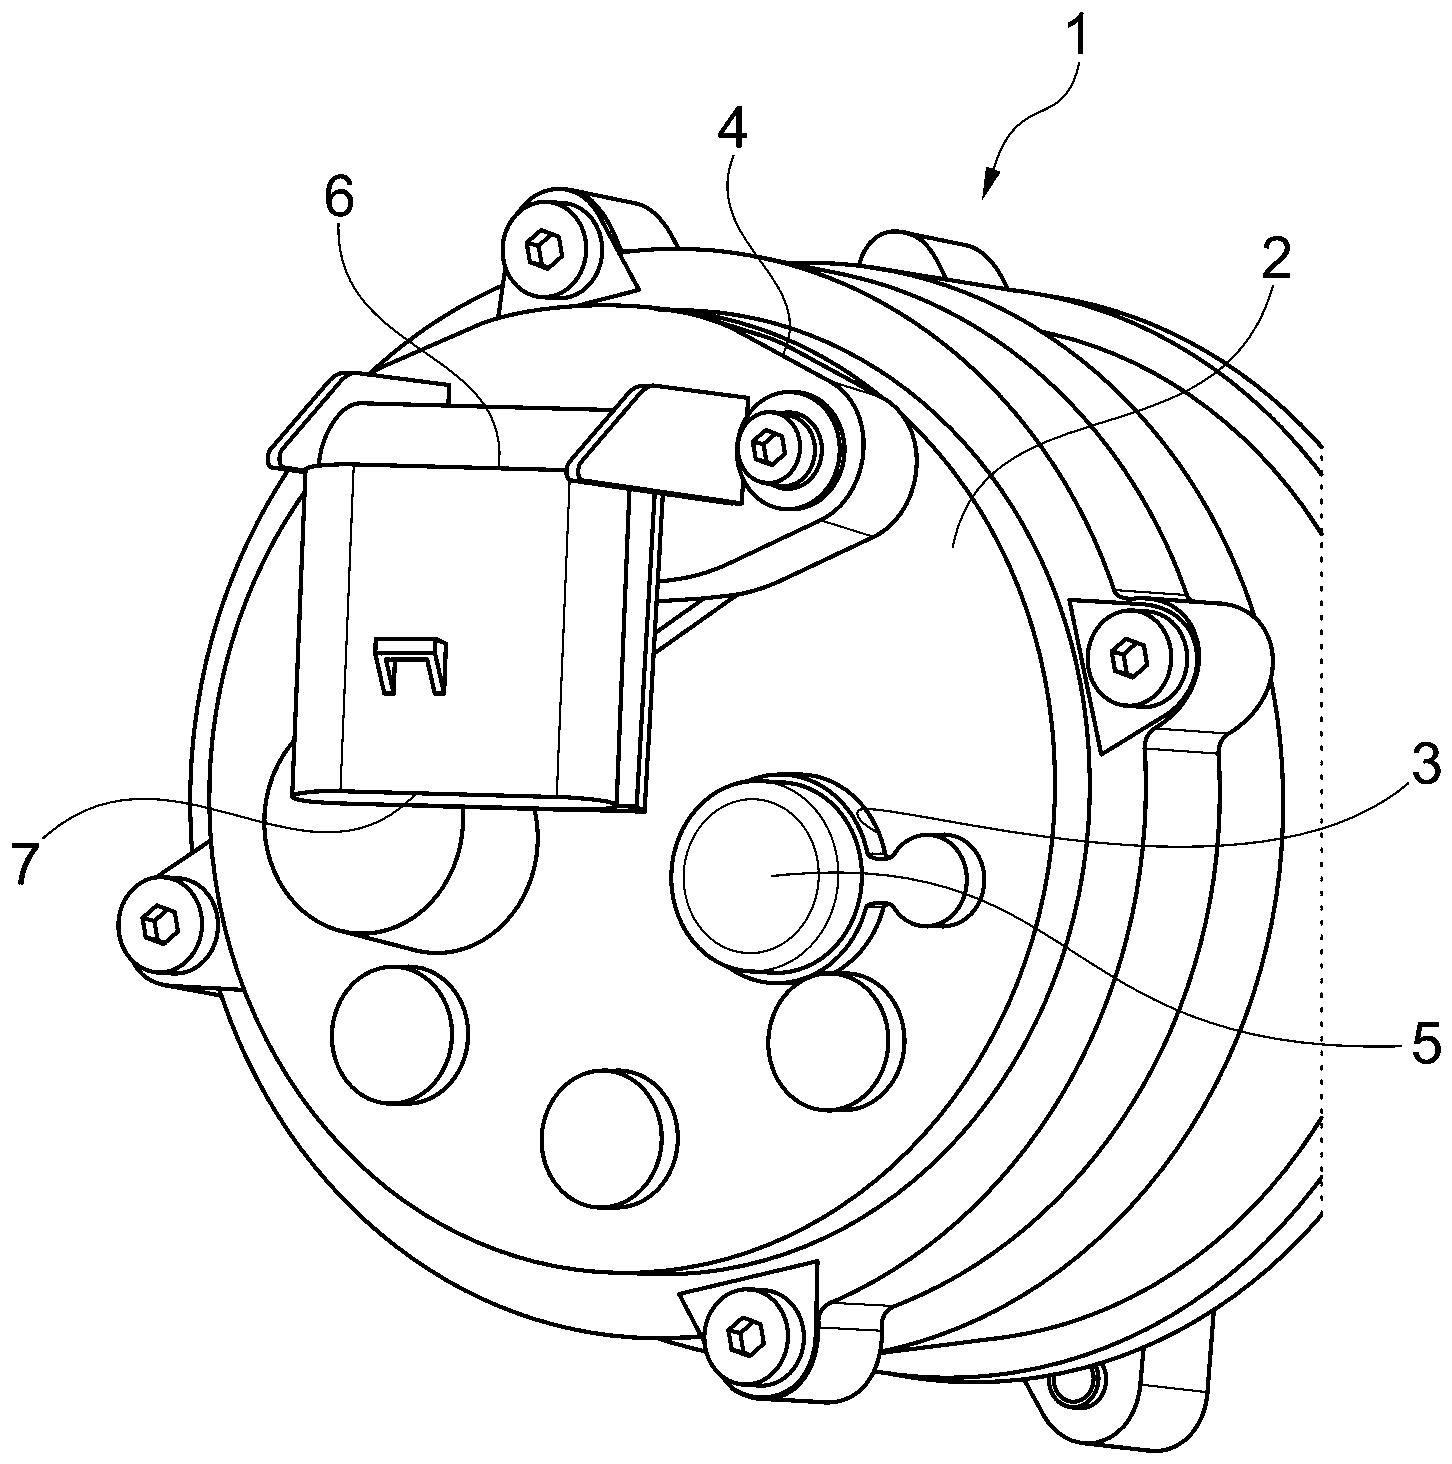 Figure DE202019005305U1_0000